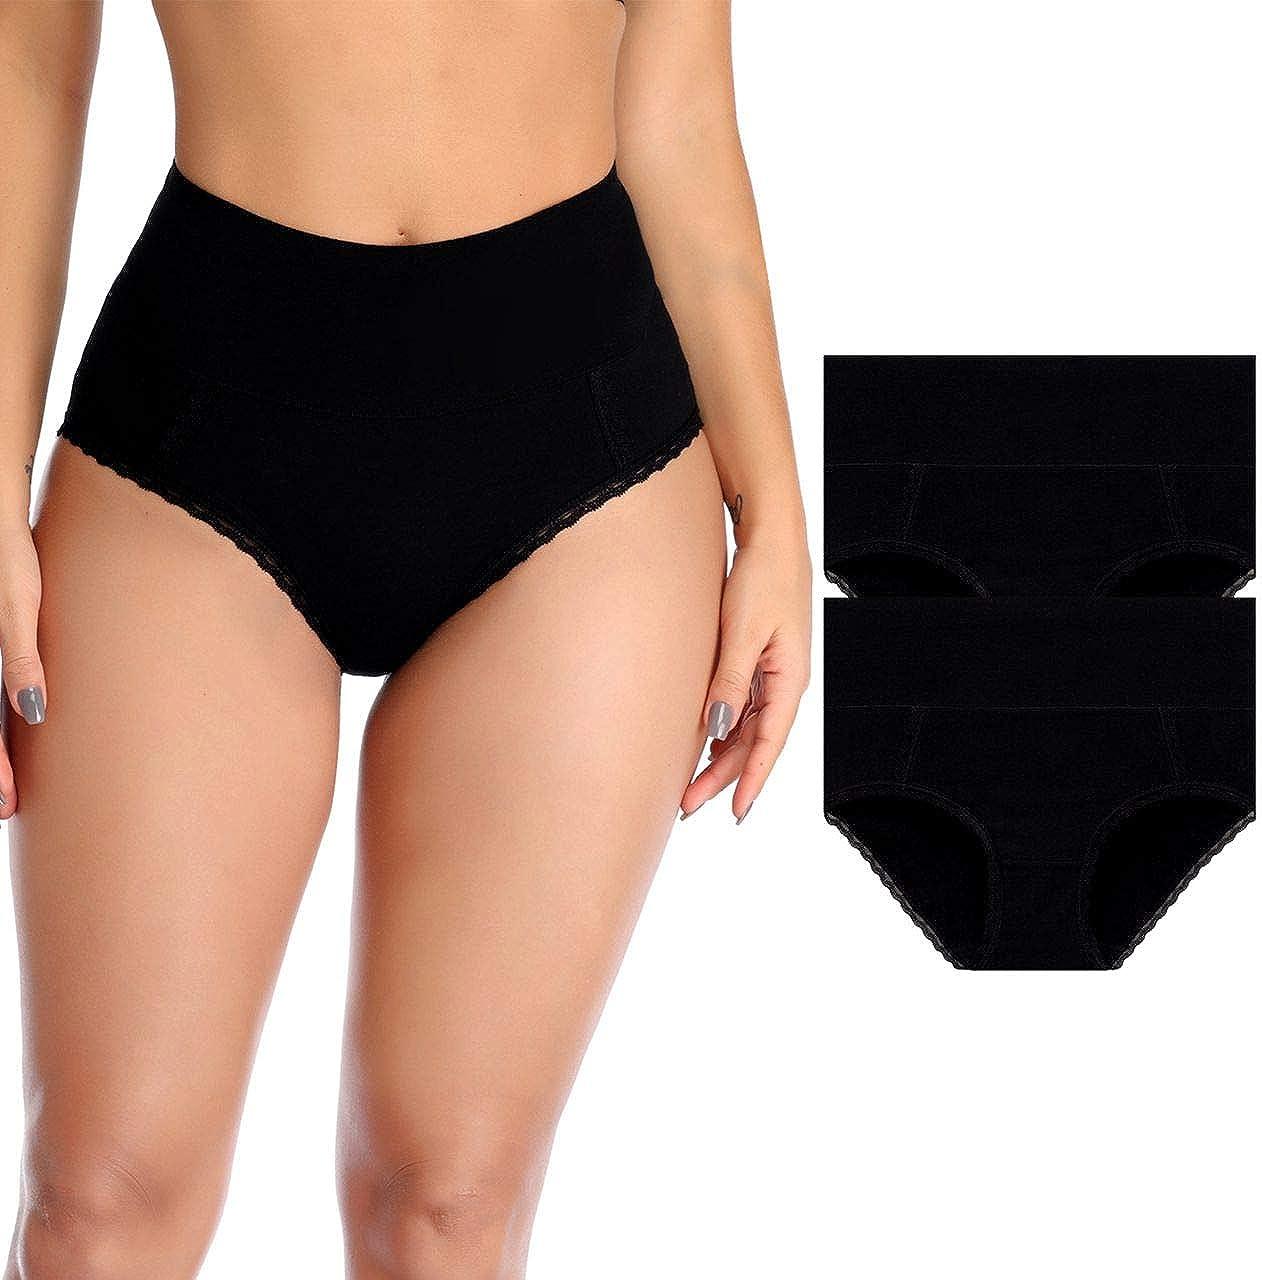 Womens Underwear, High Waist Cotton Underwear No Muffin Top Briefs Ladies Panties Breathable Underwear